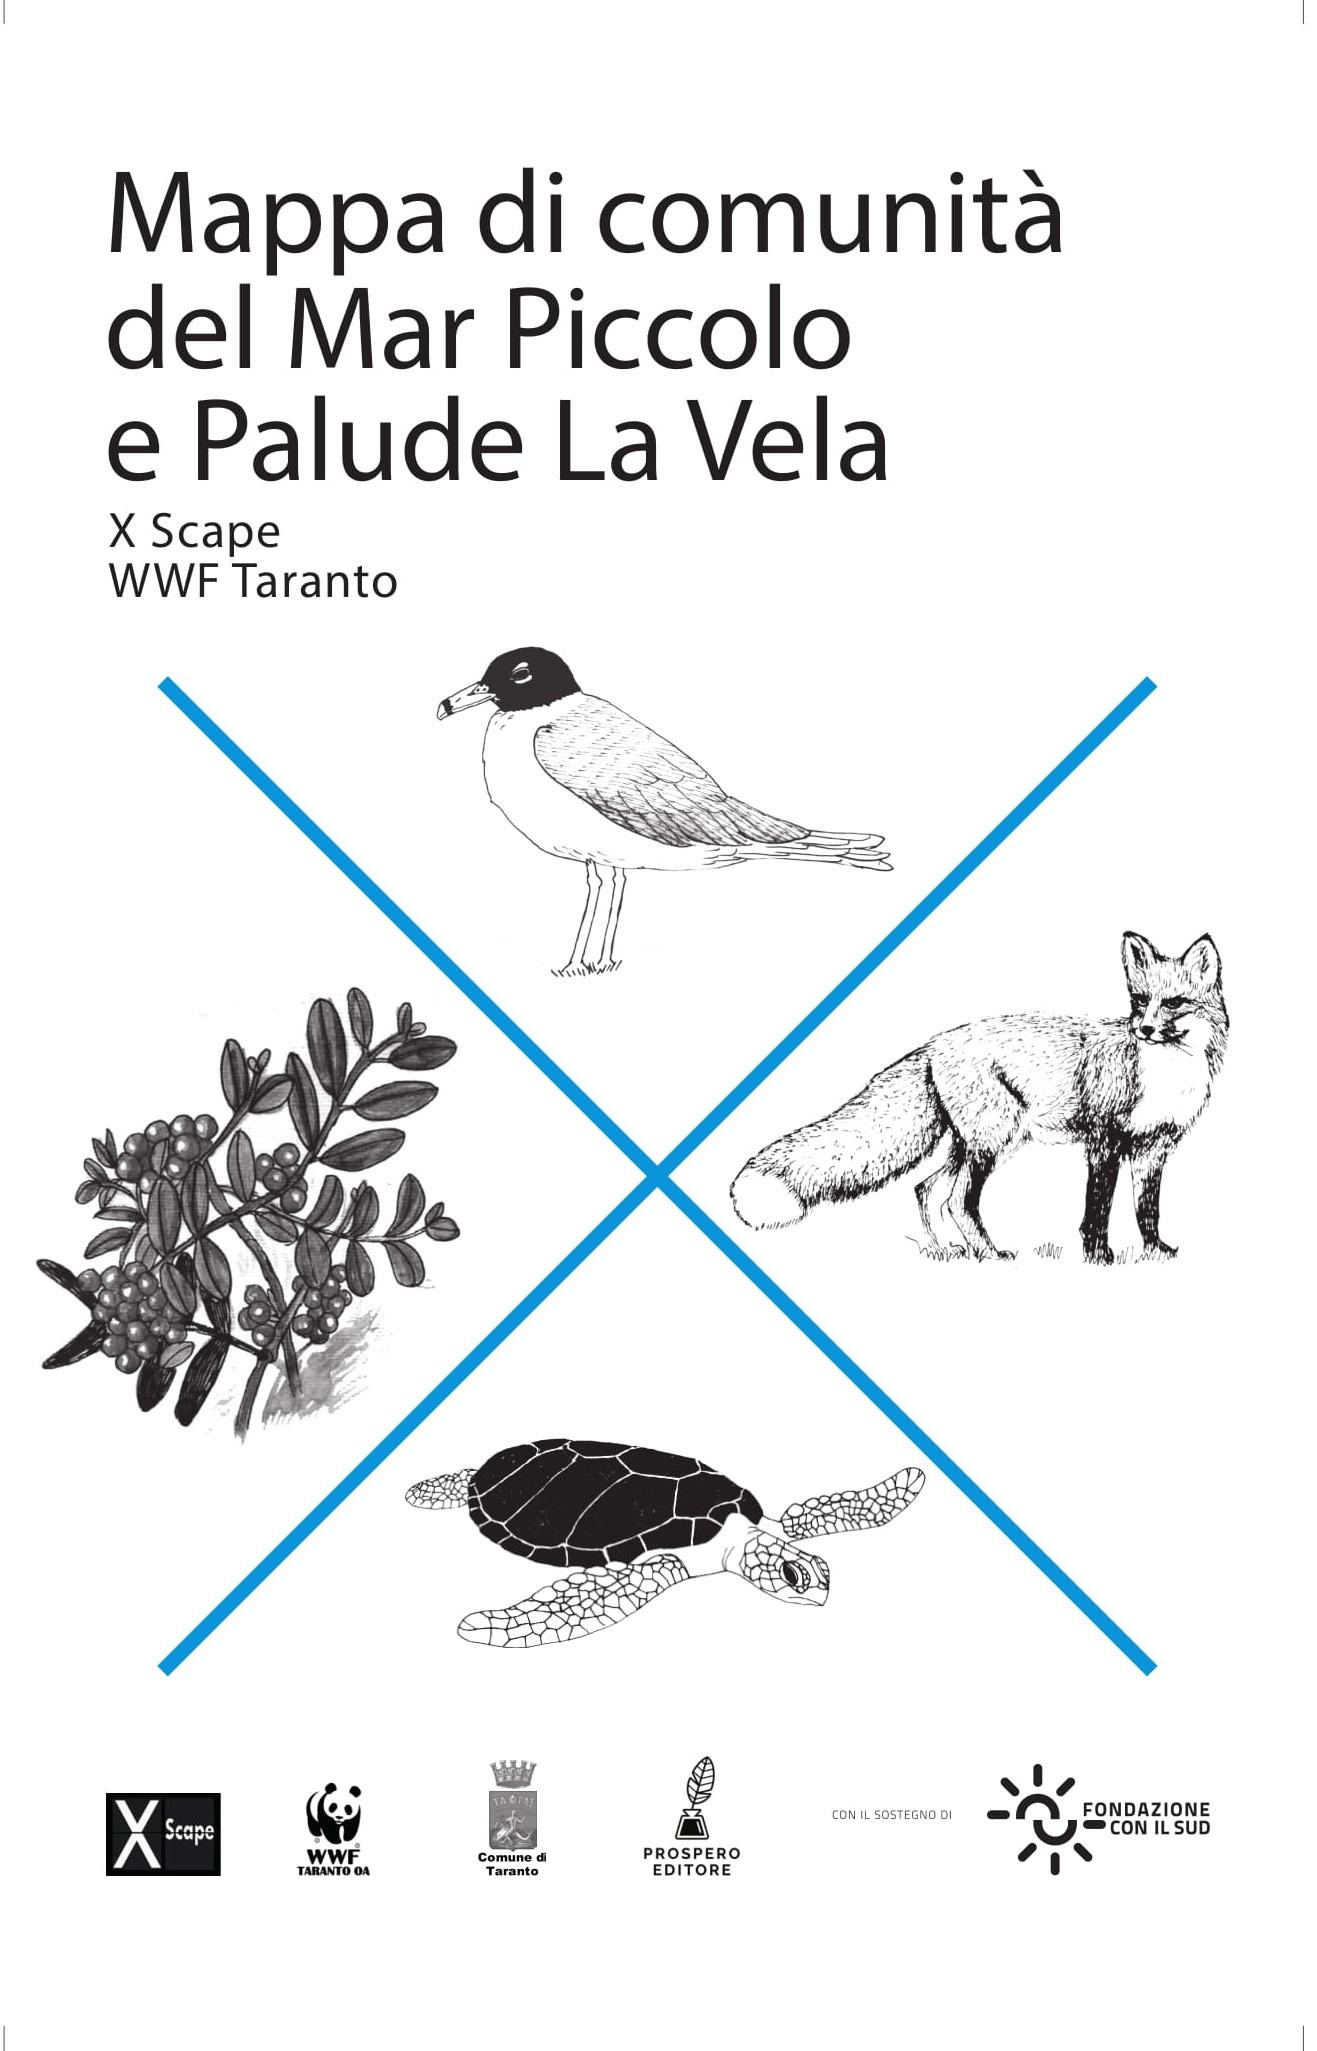 Mappa di comunità del Mar Piccolo e Palude La Vela-image